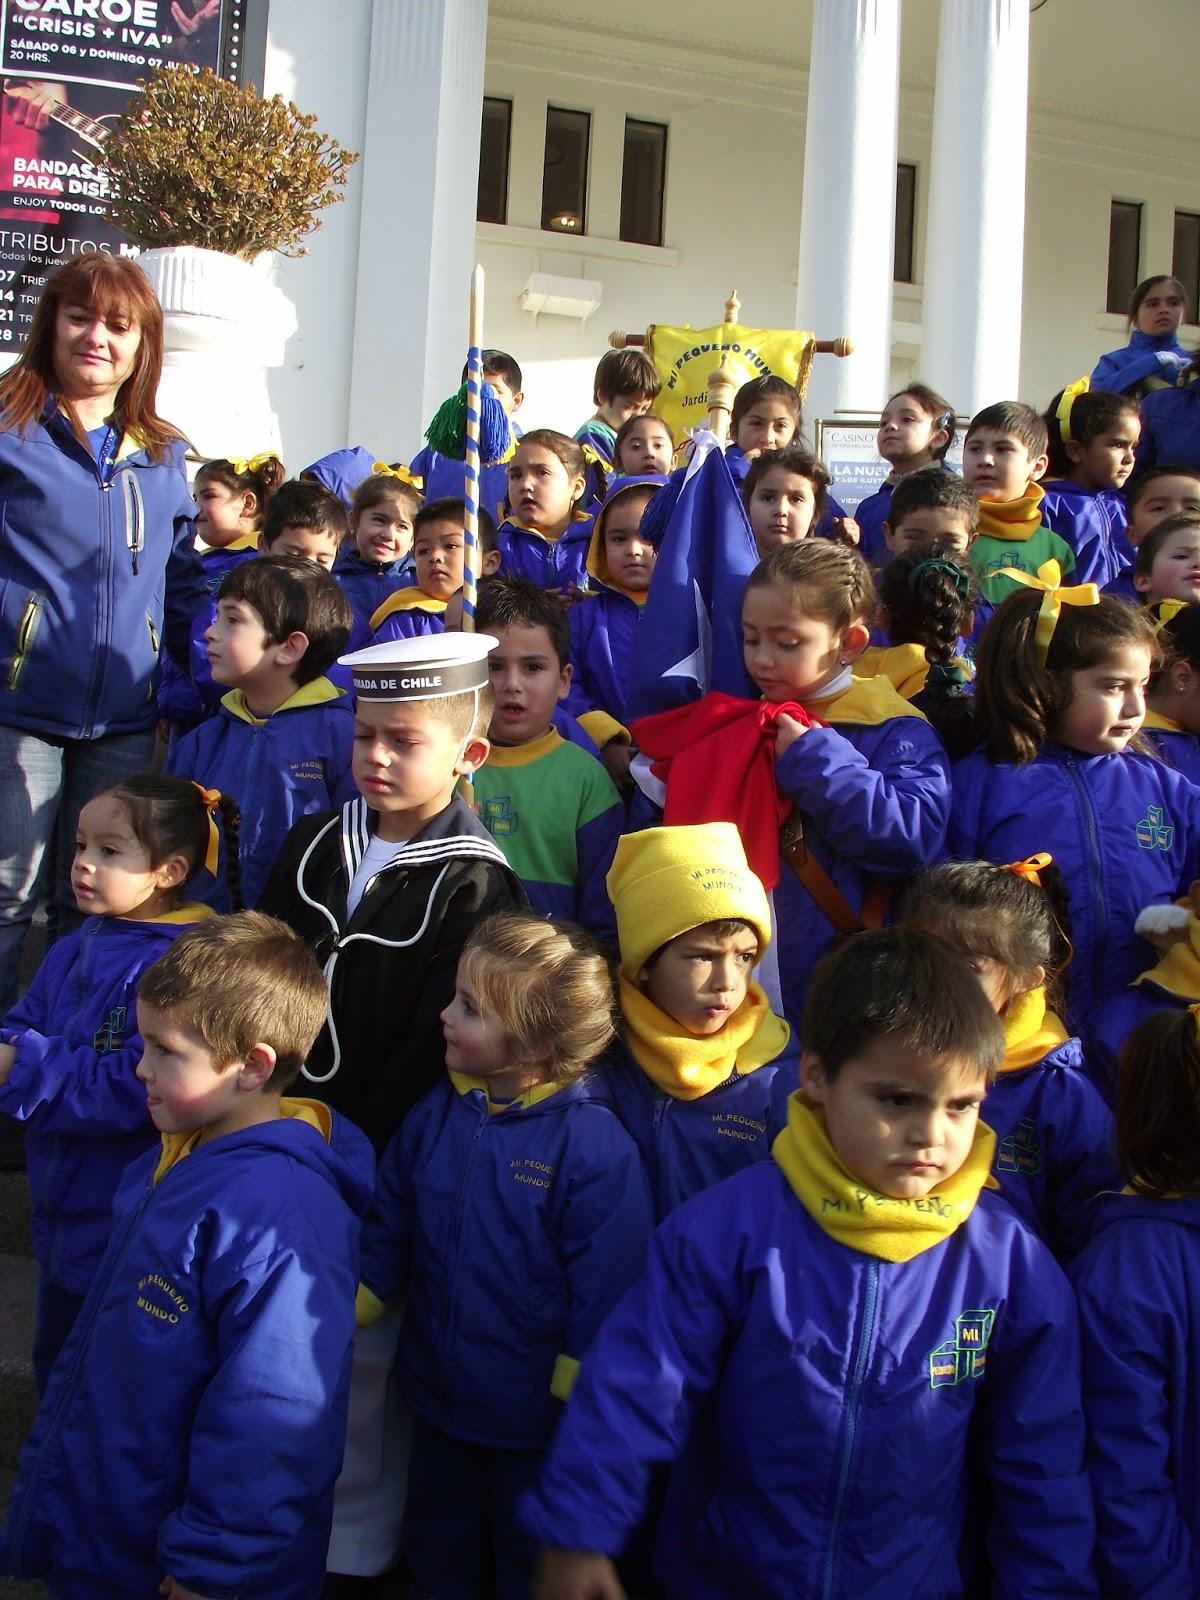 Jard n infantil mi peque o mundo vi a del mar mayo 2015 for Vendo jardin infantil 2015